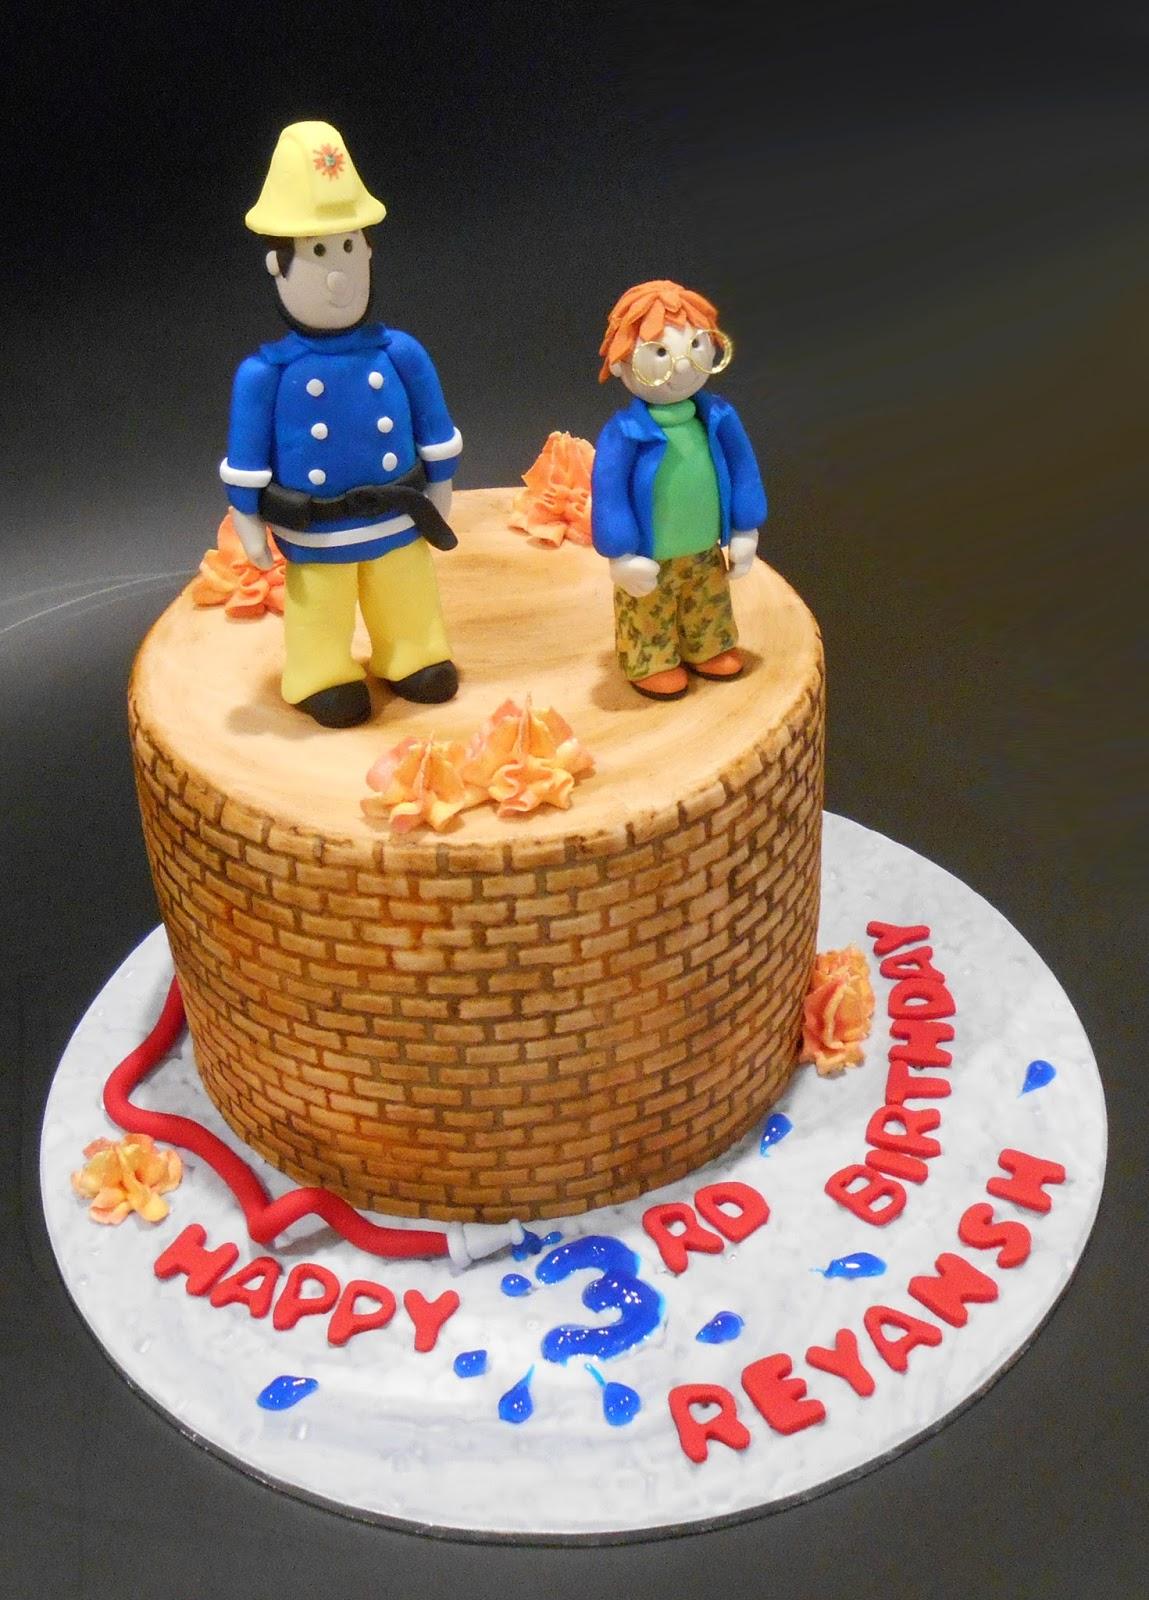 Nadas Cakes Fireman Sam Birthday Cake Fire Cupcakes By Nadas